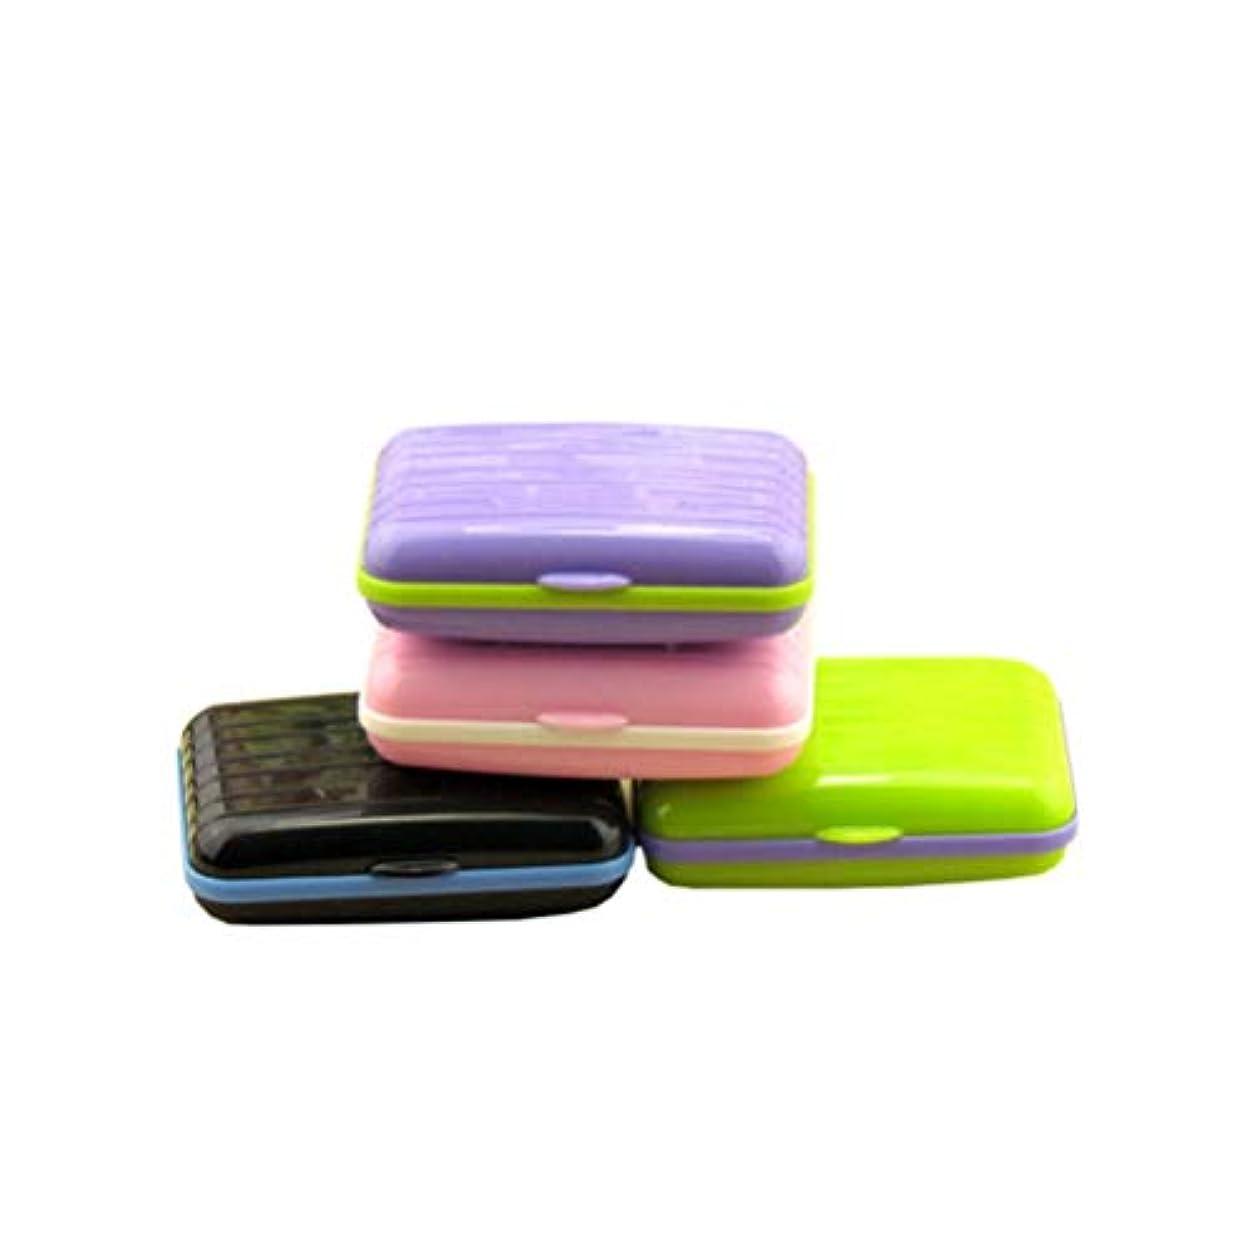 ドローワイヤー面白いFrcolor コンタクトケース コンタクトレンズケース ピンセット プラスチック製 持ち運びやすい トラベル 軽量 保存ケース 4個セット(紫+ピンク+黒+緑)